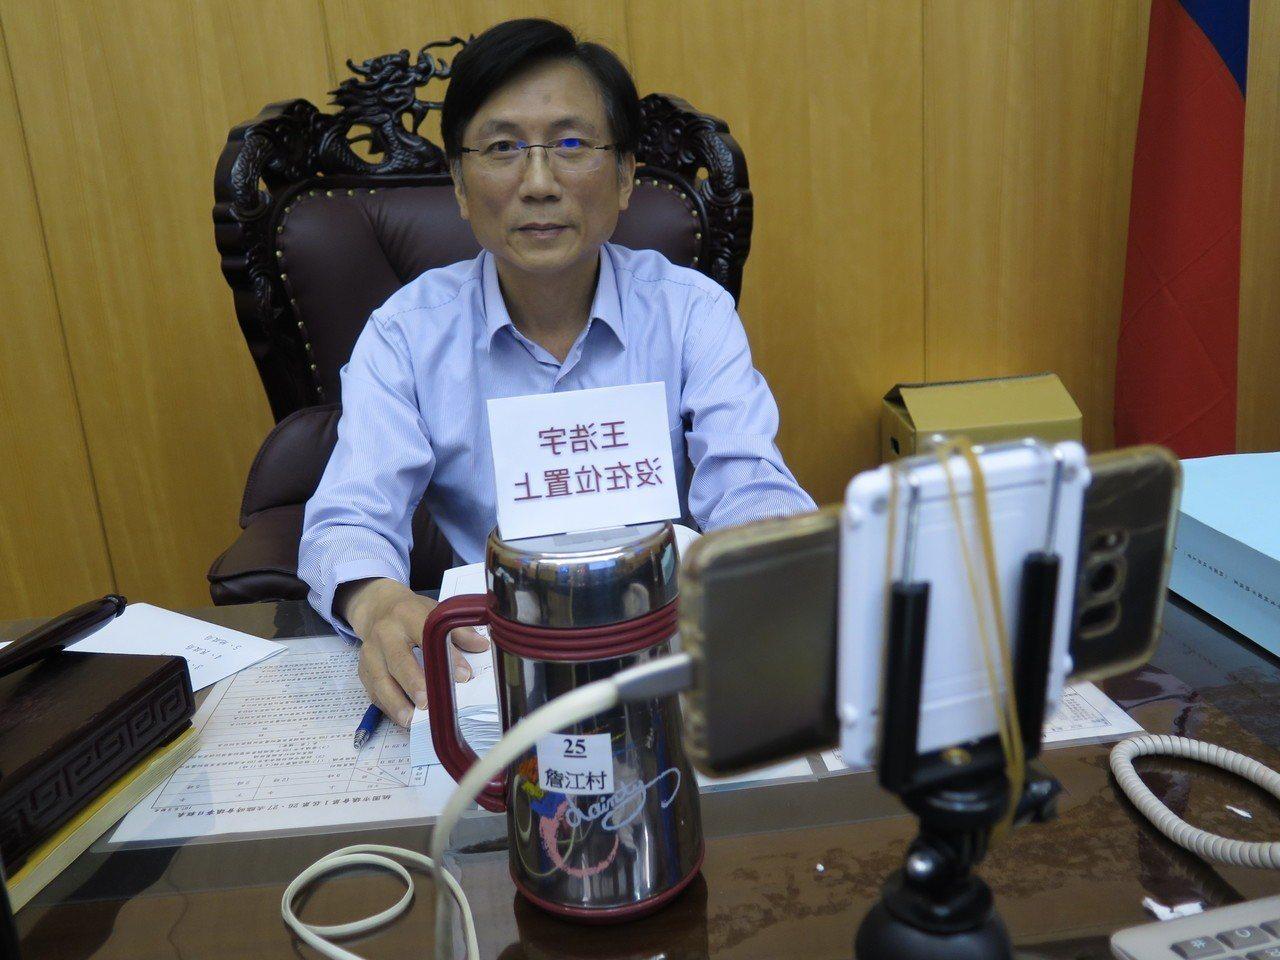 擔任主席的國民黨市議員詹江村裁示,希望紀律委員會盡速召開會議處理,他還在主席台開...